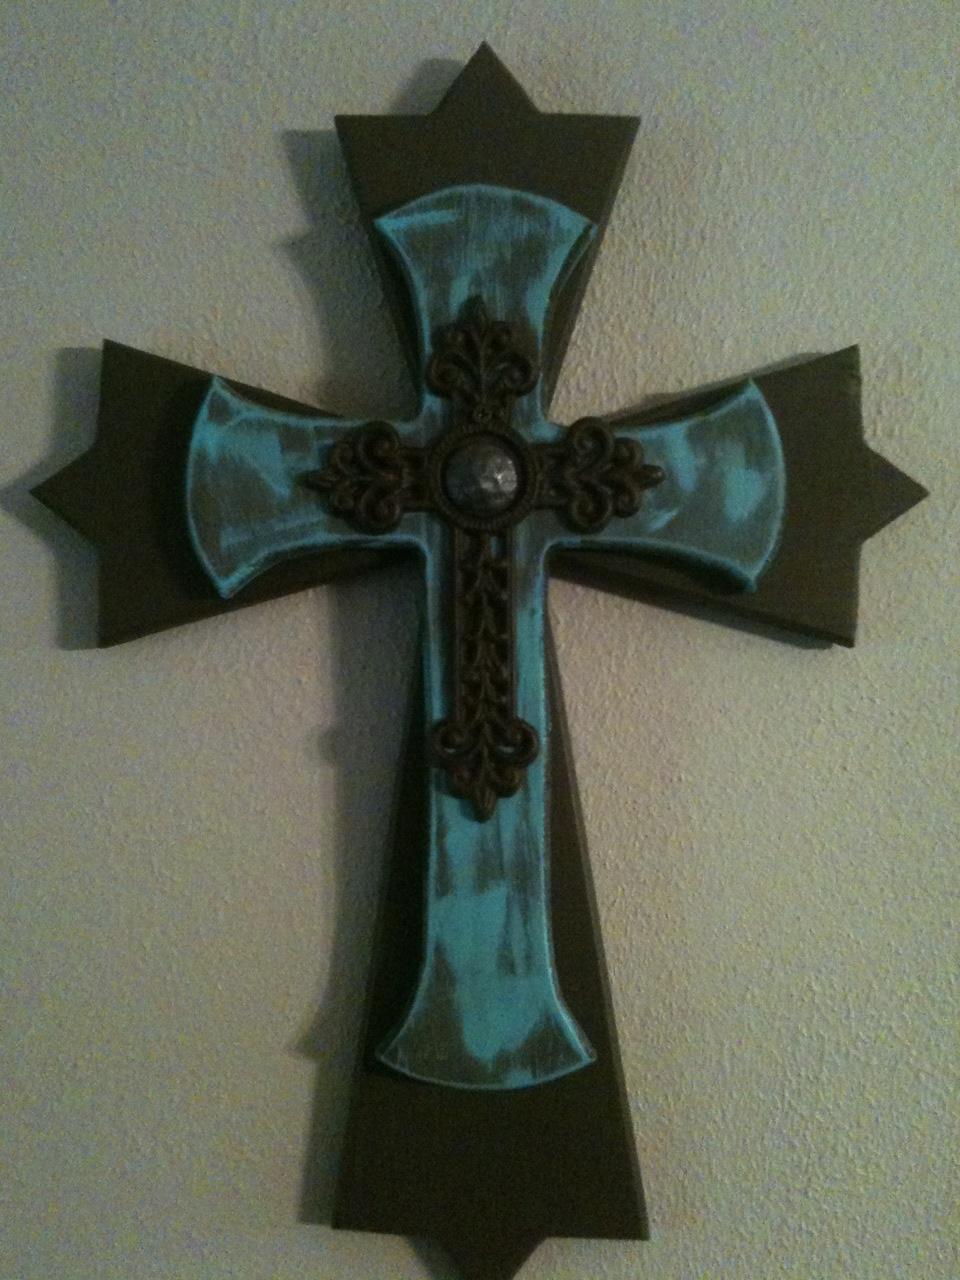 Crosses For Sale >> E's Unique Boutique: Decorative Wooden Crosses